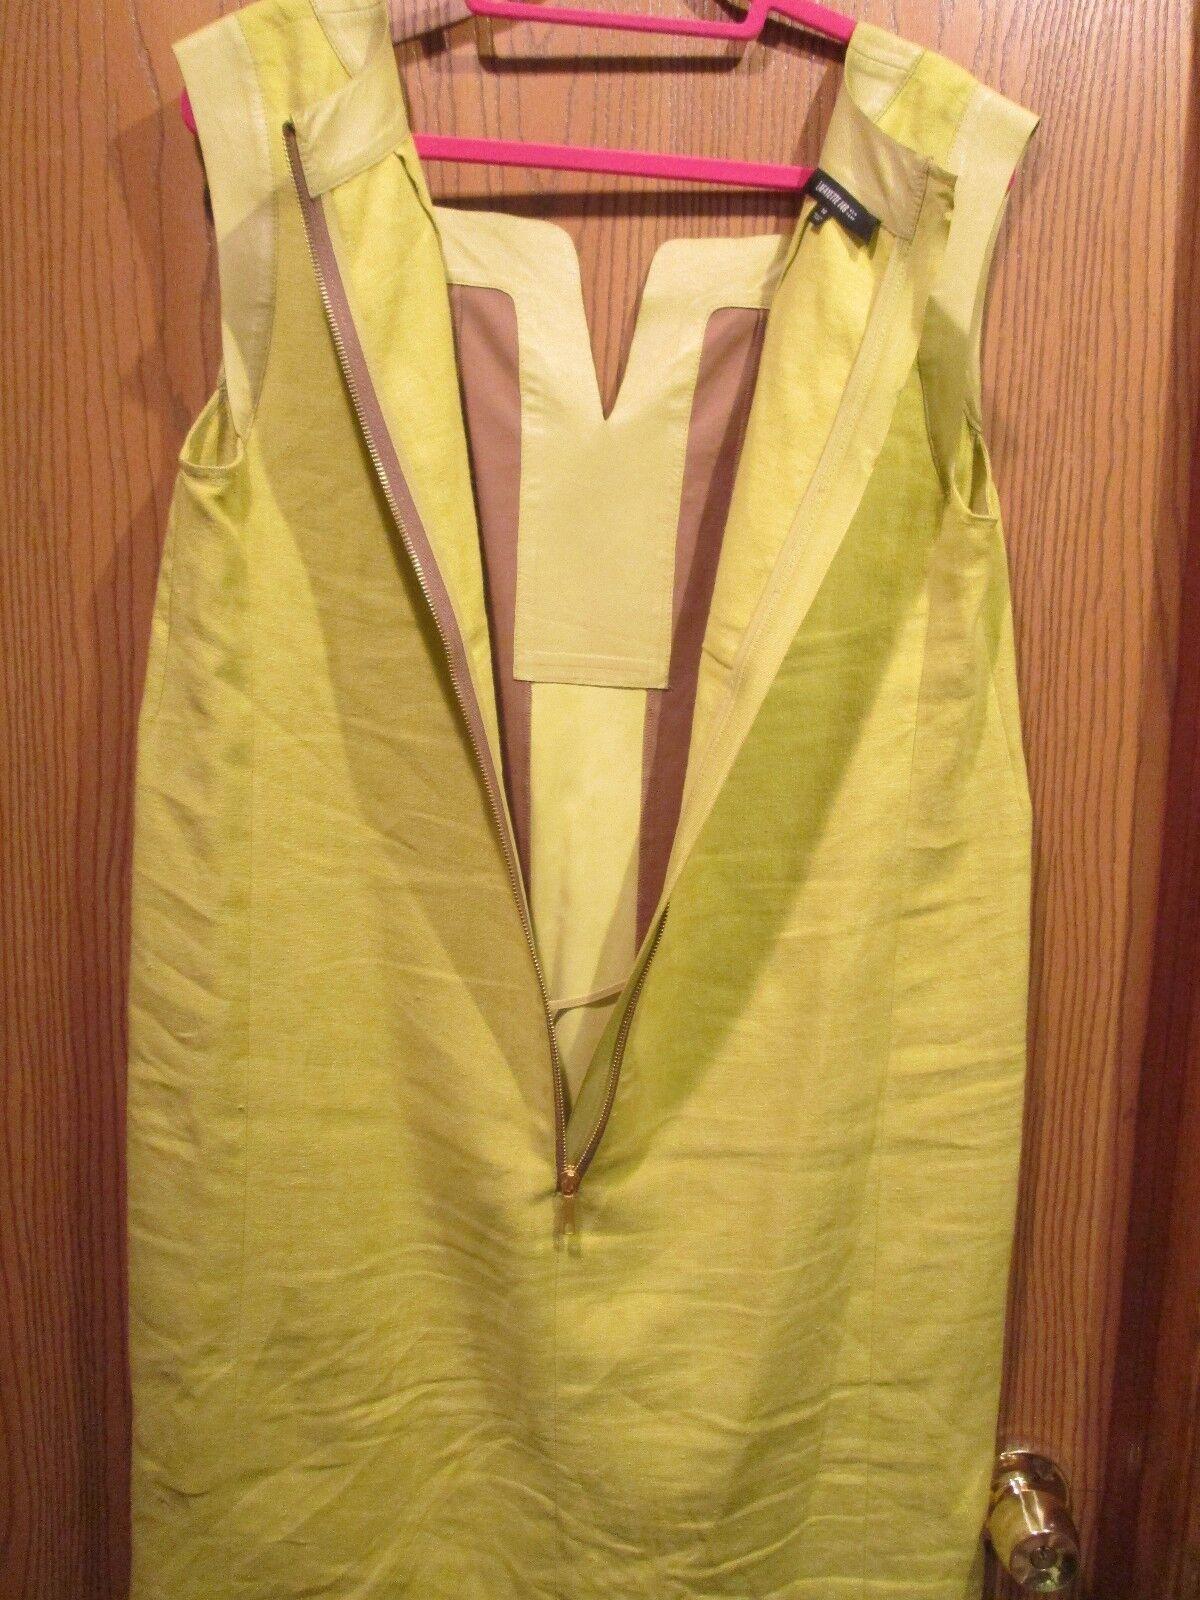 Lafayette Green Linen Linen Linen Sleevelees Dress Size 14 64adea